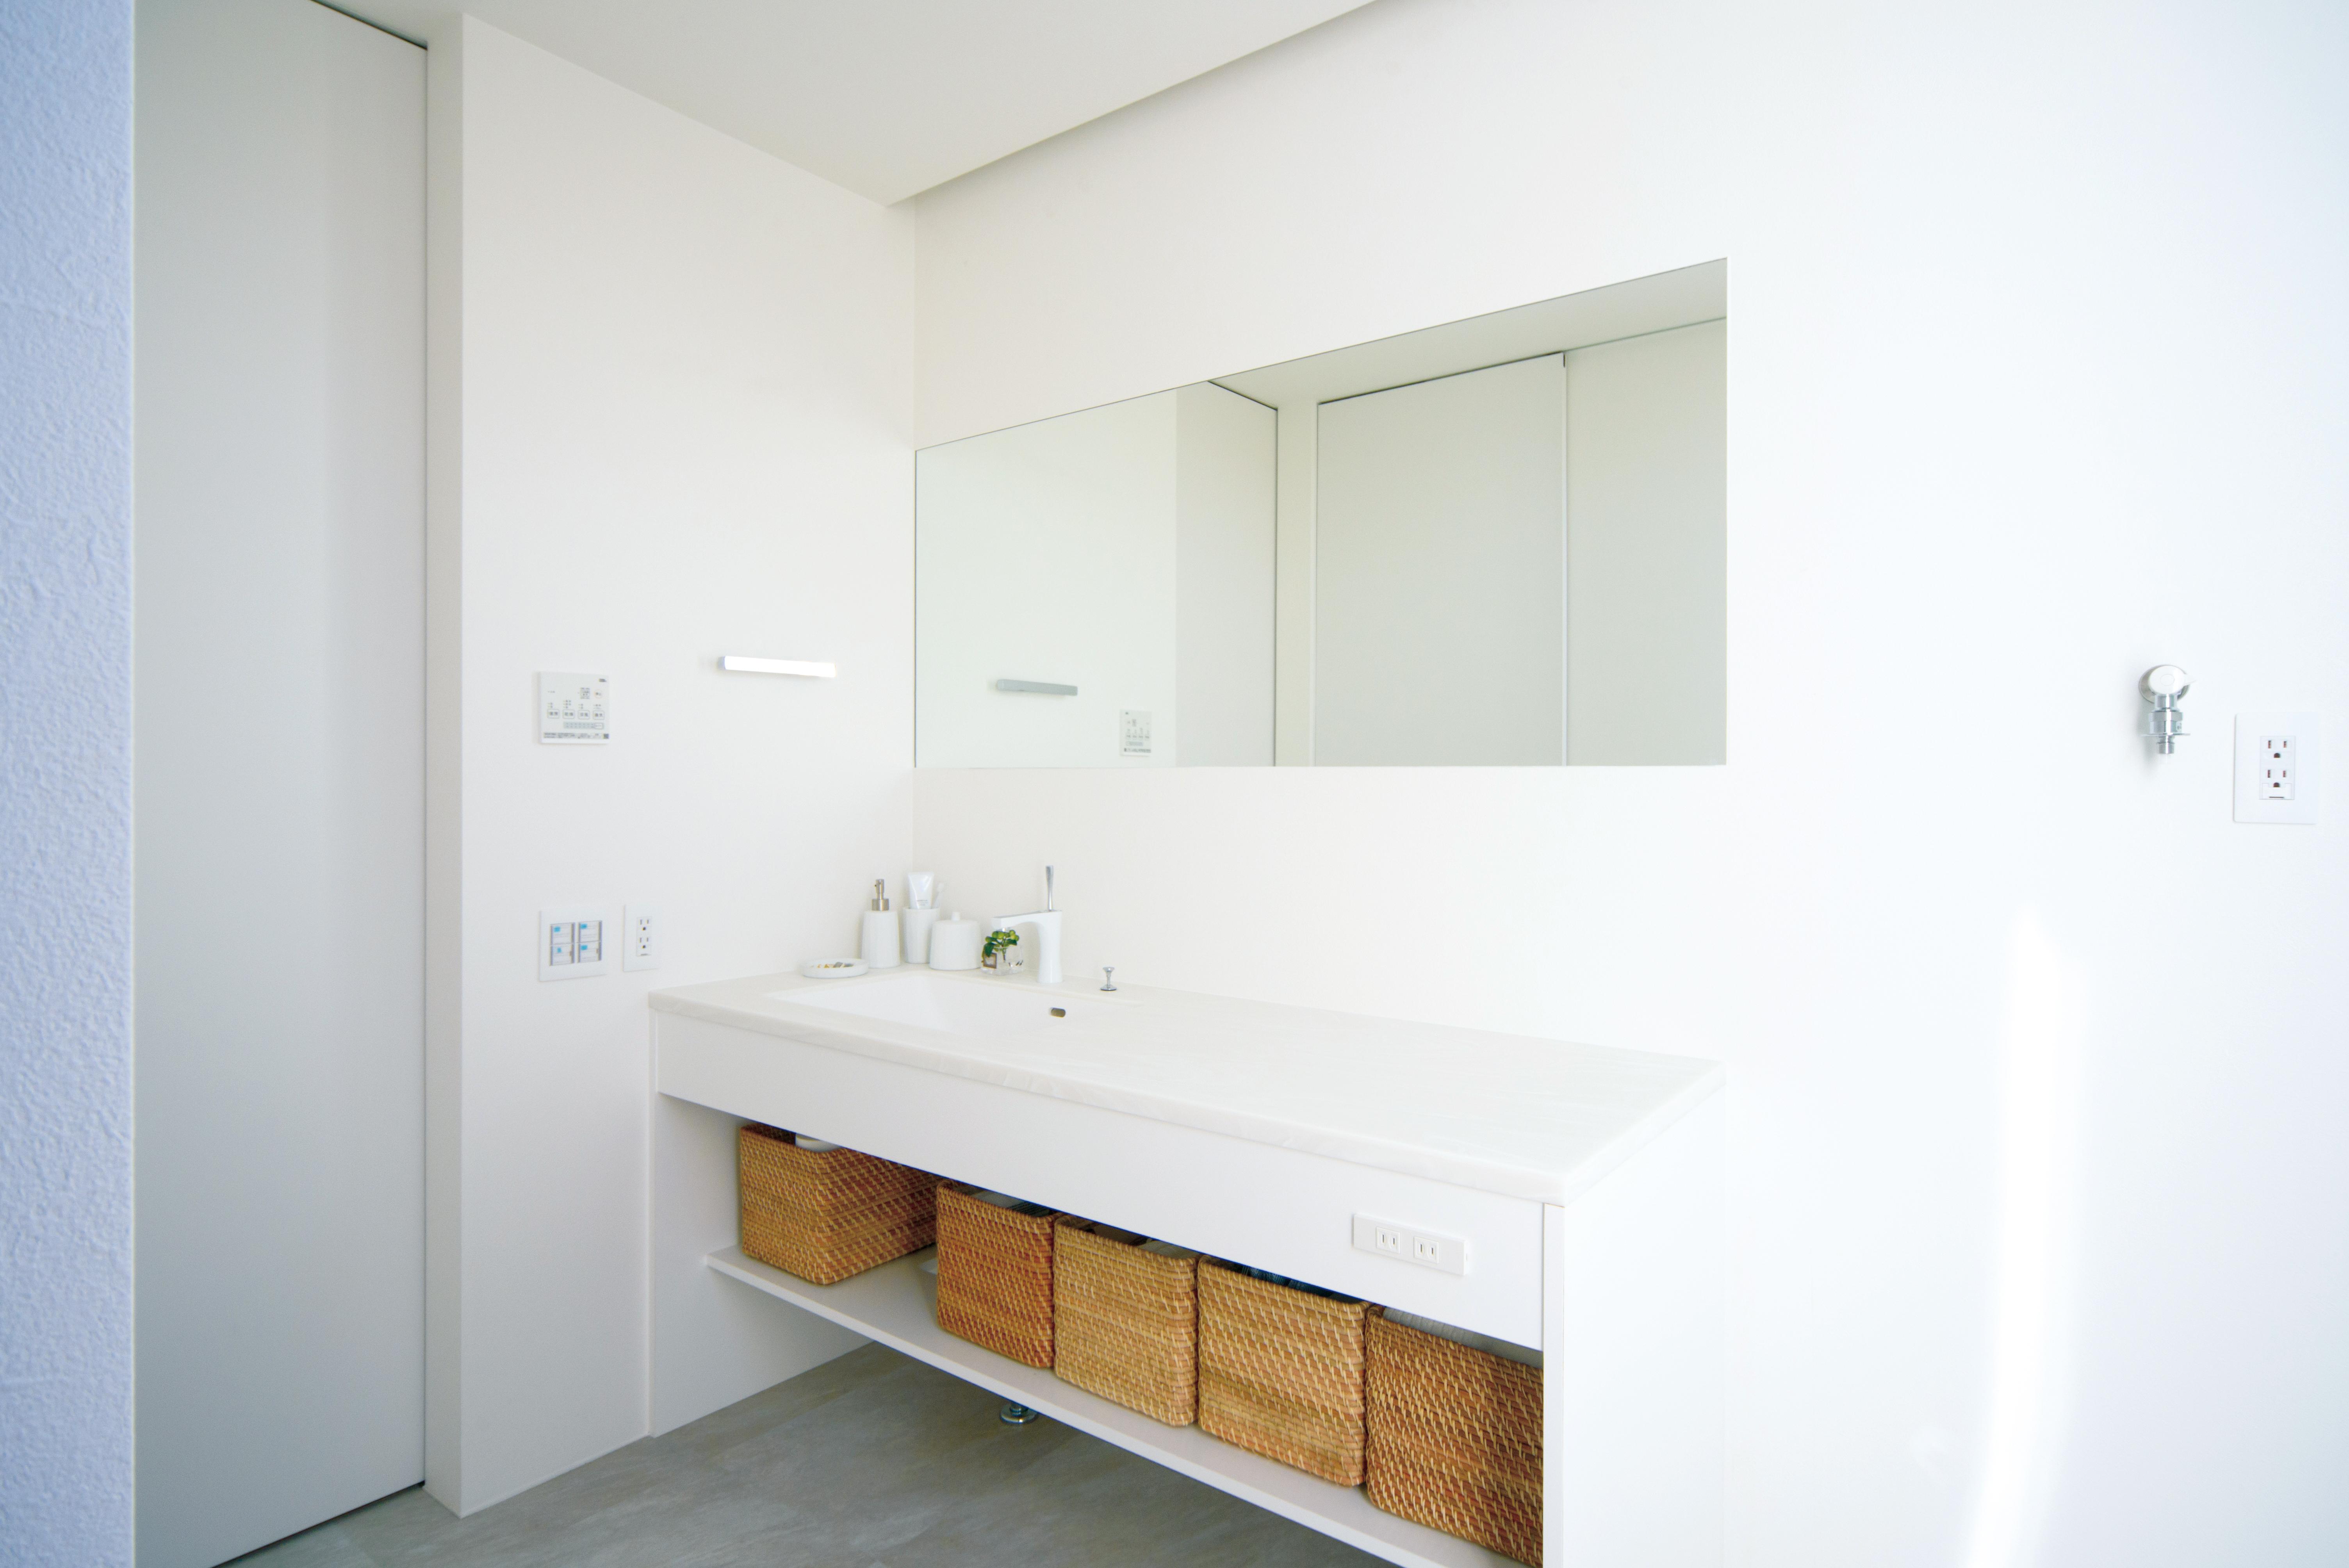 SIMPLE is.../シンプルイズ【岡崎市岡町字東神馬崎北側41番1・モデルハウス】洗面台の幅を広くとることで、朝の混雑する時間でも横一列に並んでお支度できる。脱衣室自体も広く、入浴と洗濯の時間が重なってもストレスフリー